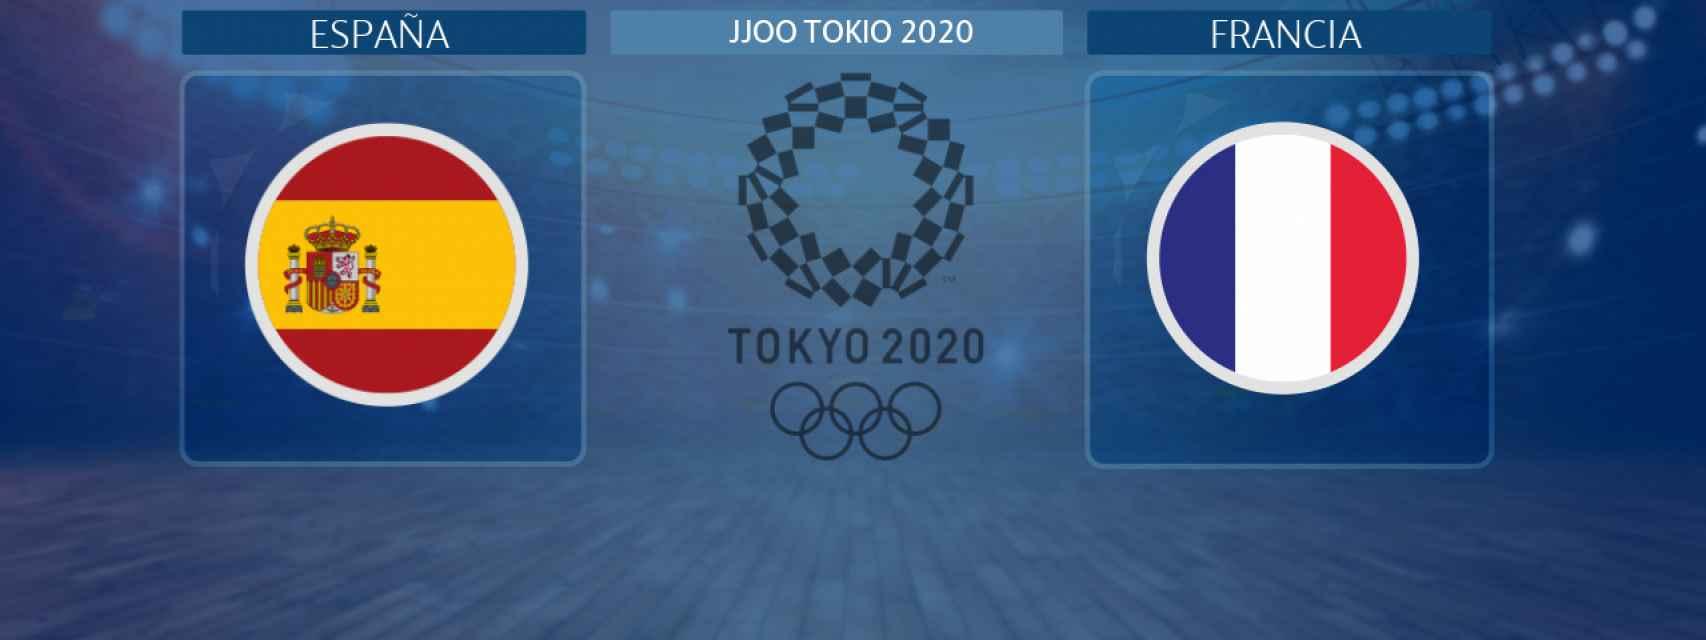 España - Francia, partido de balonmano masculino de los JJOO Tokio 2020